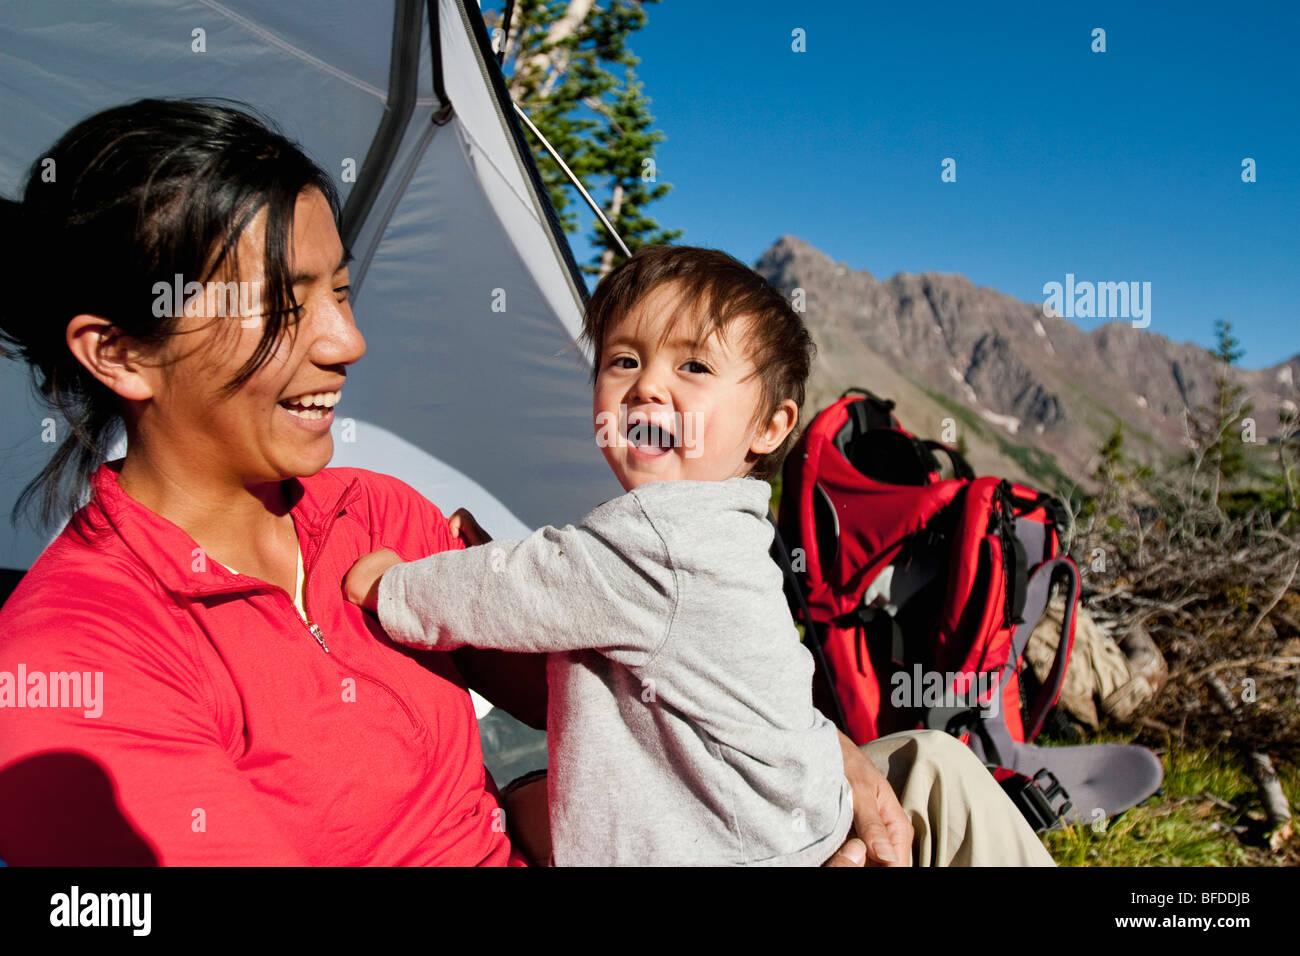 Madre veglia figlio di 14 mesi giocare nel prato di camp. Backpacking trip Maroon Bells in Snowmass deserto fuori Immagini Stock